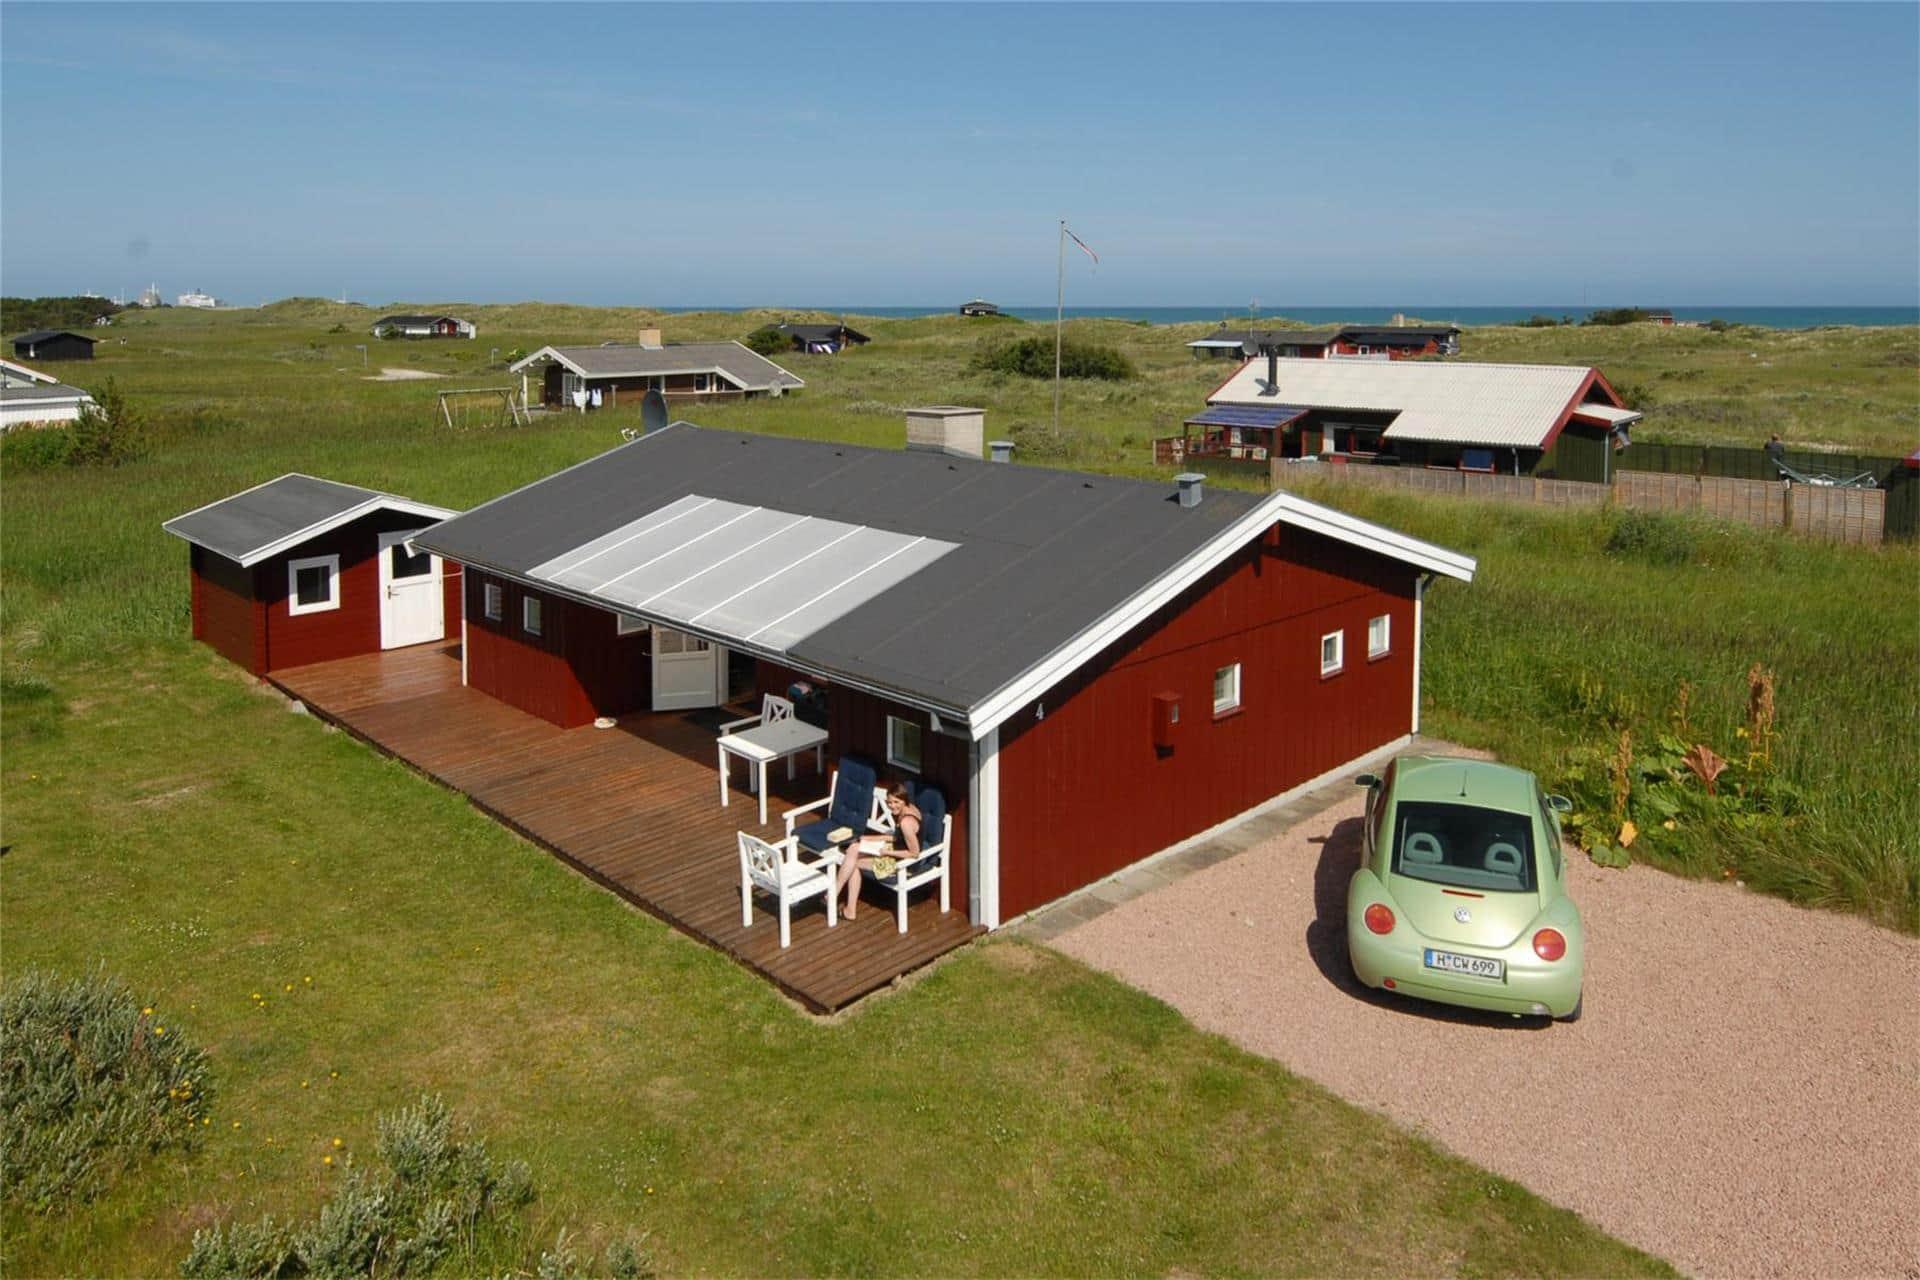 Afbeelding 1-148 Vakantiehuis KJ1164, Tjørneklitten 4, DK - 9850 Hirtshals